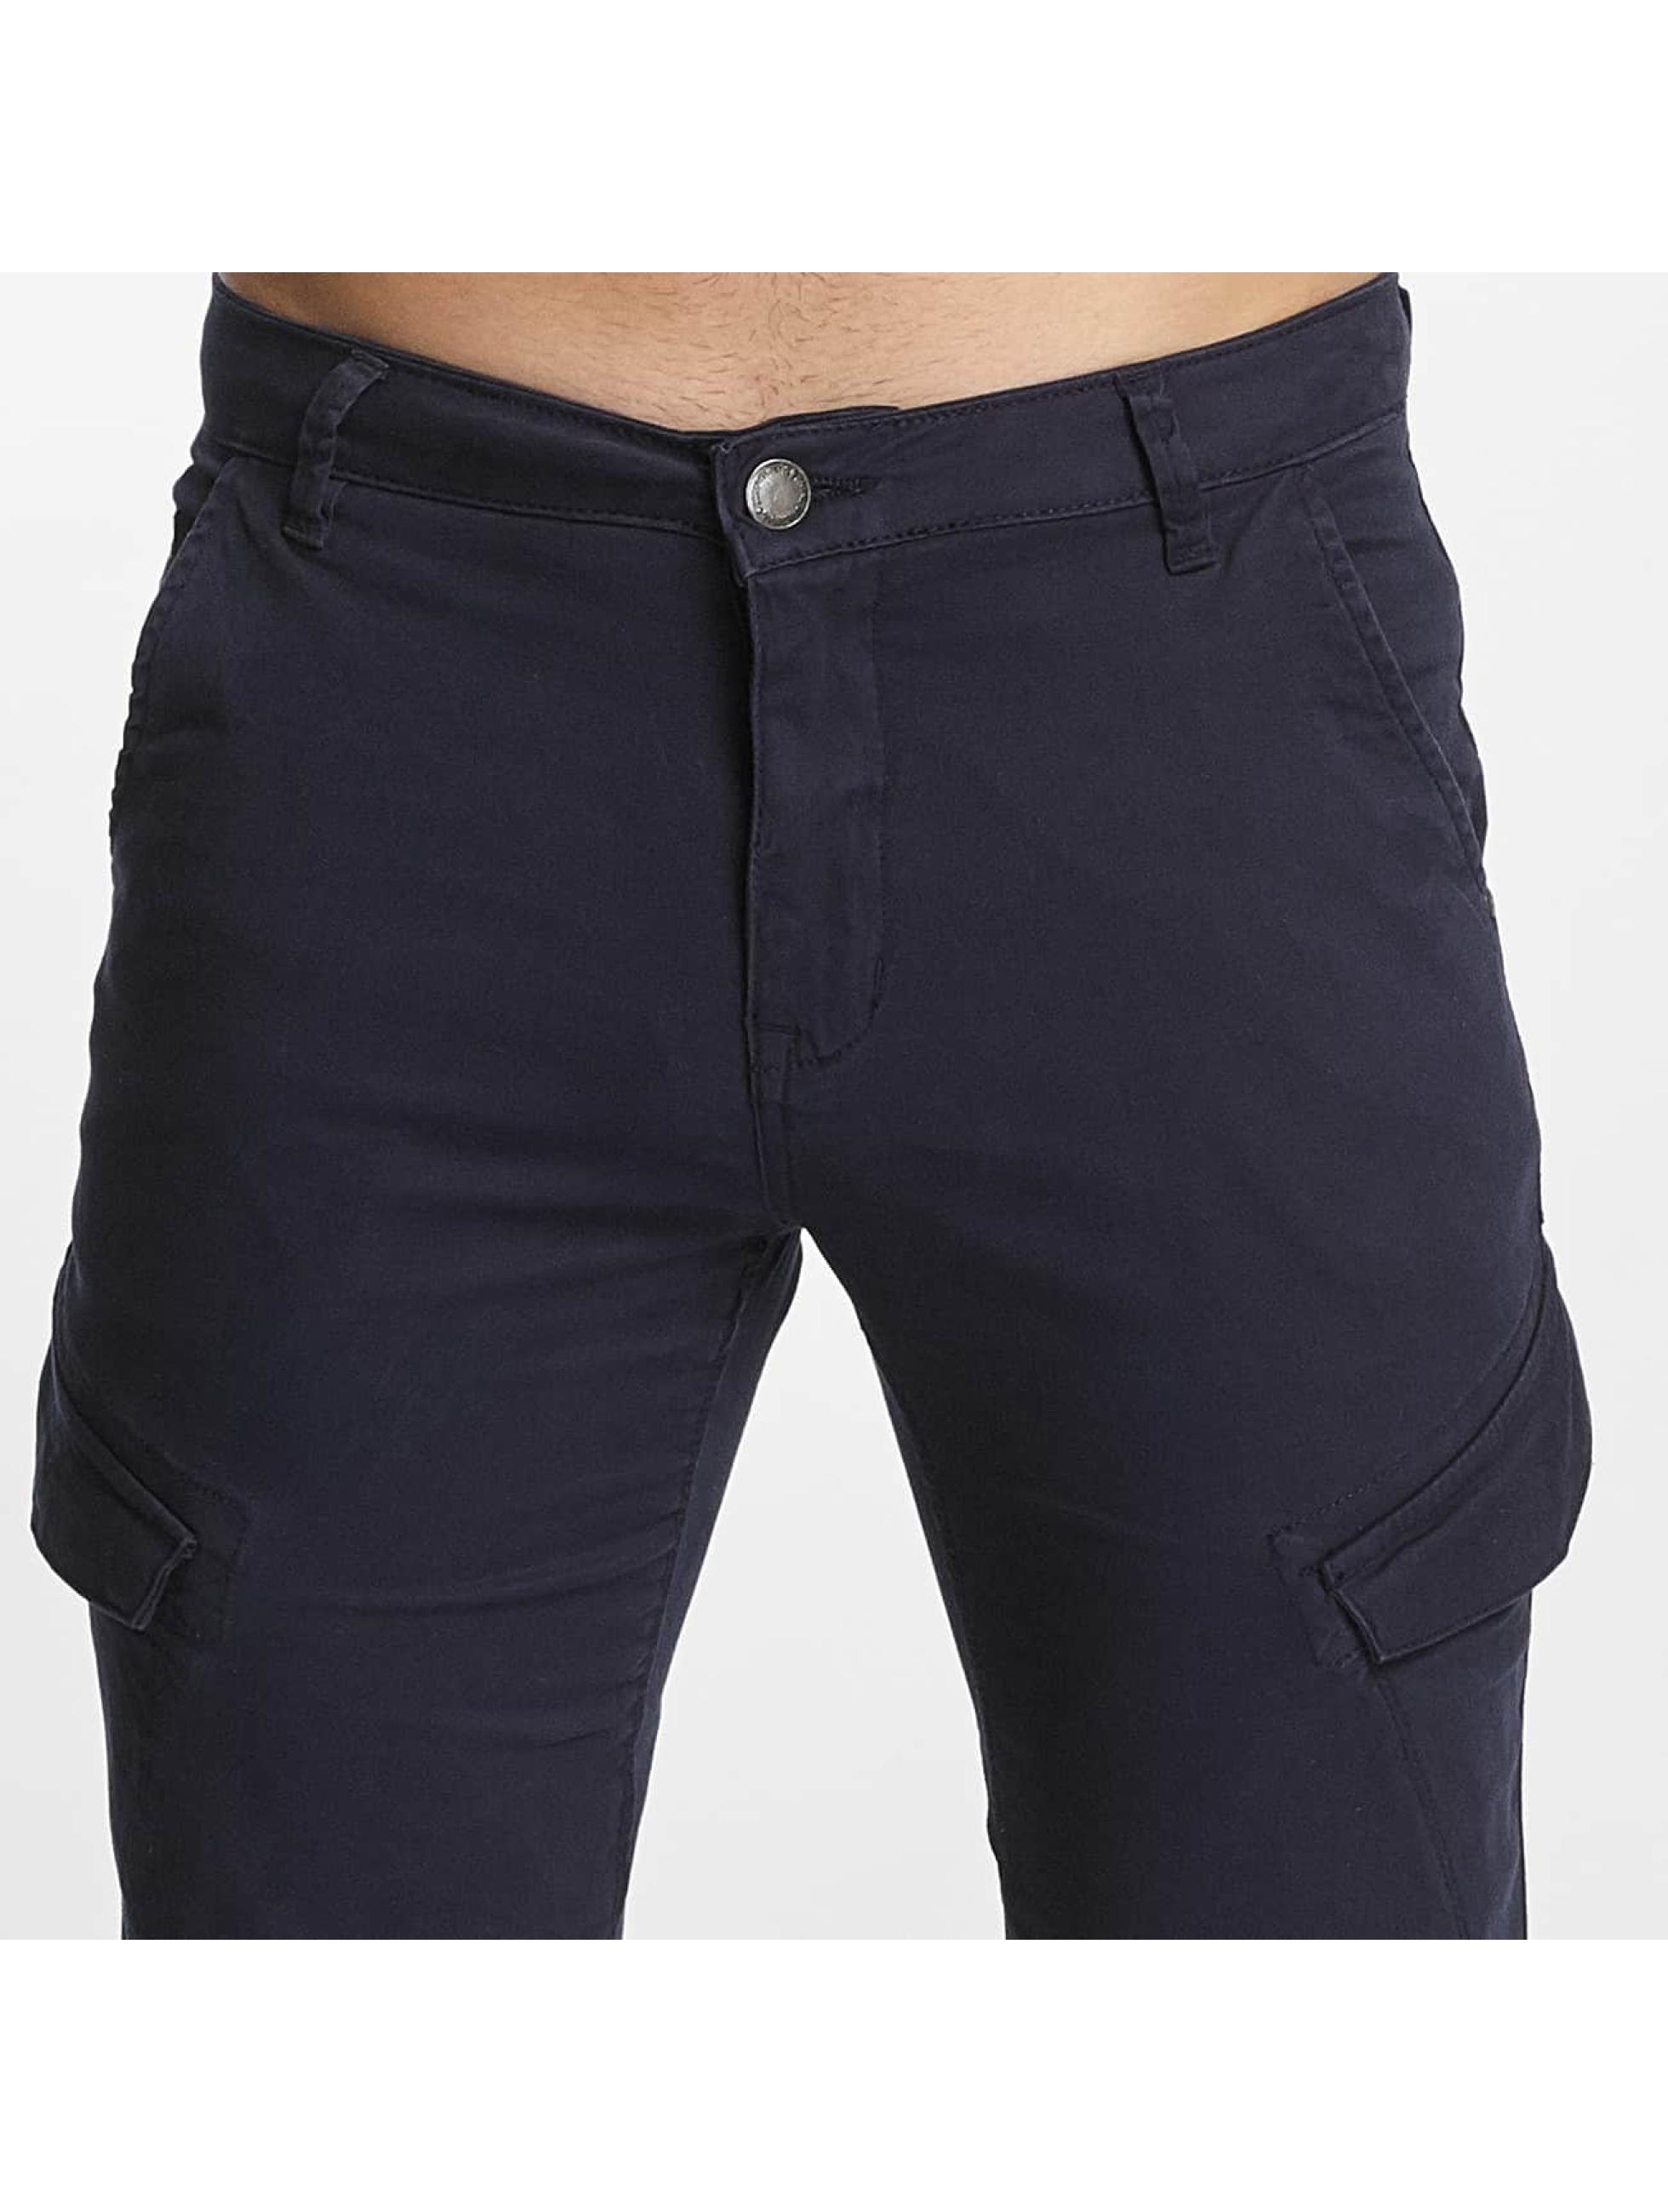 SHINE Original Spodnie Chino/Cargo Slim niebieski